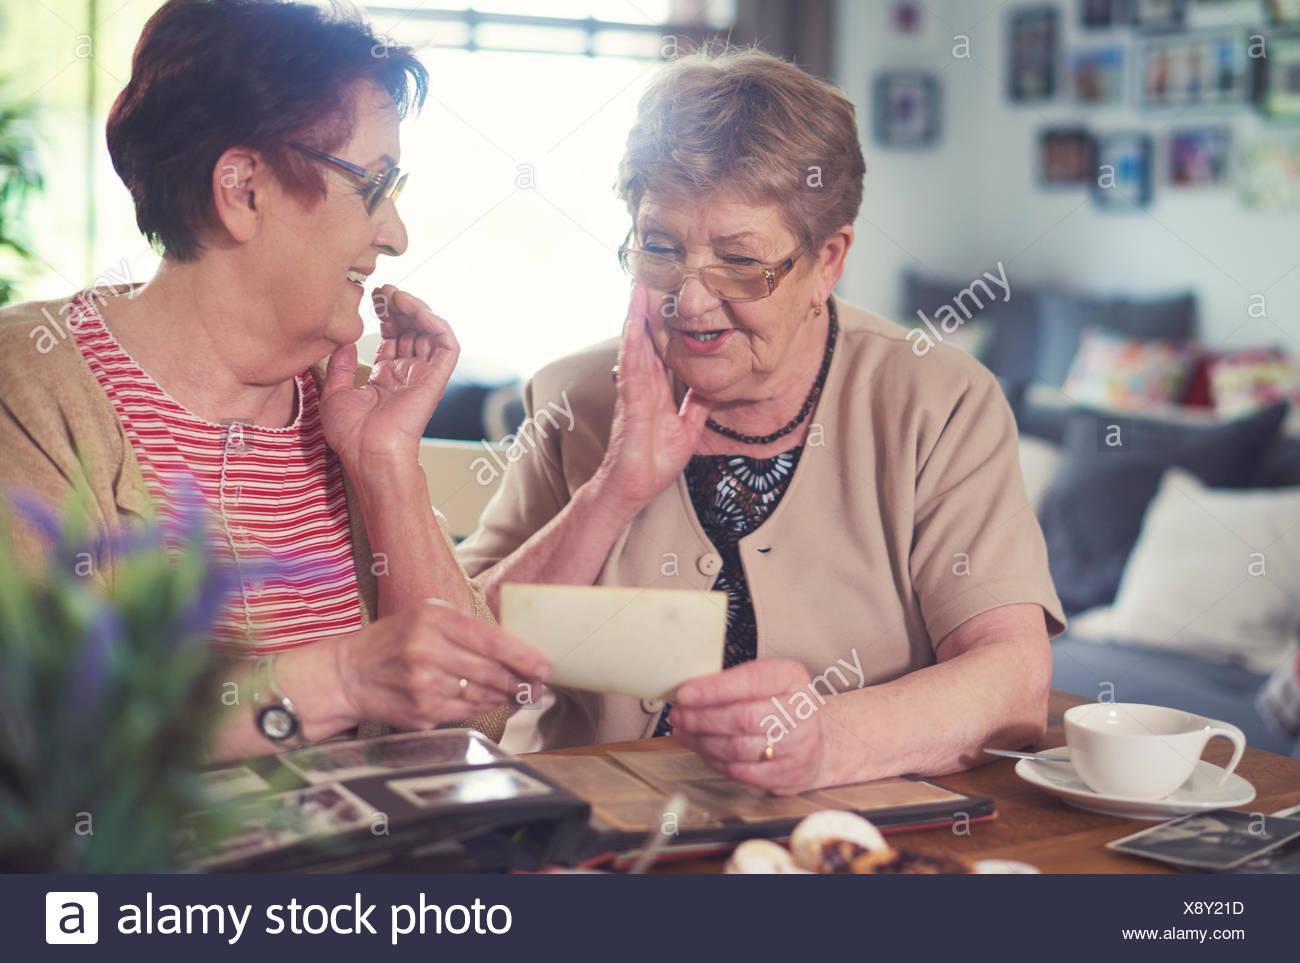 Zwei alte Frauen plaudern beim Betrachten von Alter Fotografien am Tisch Stockbild